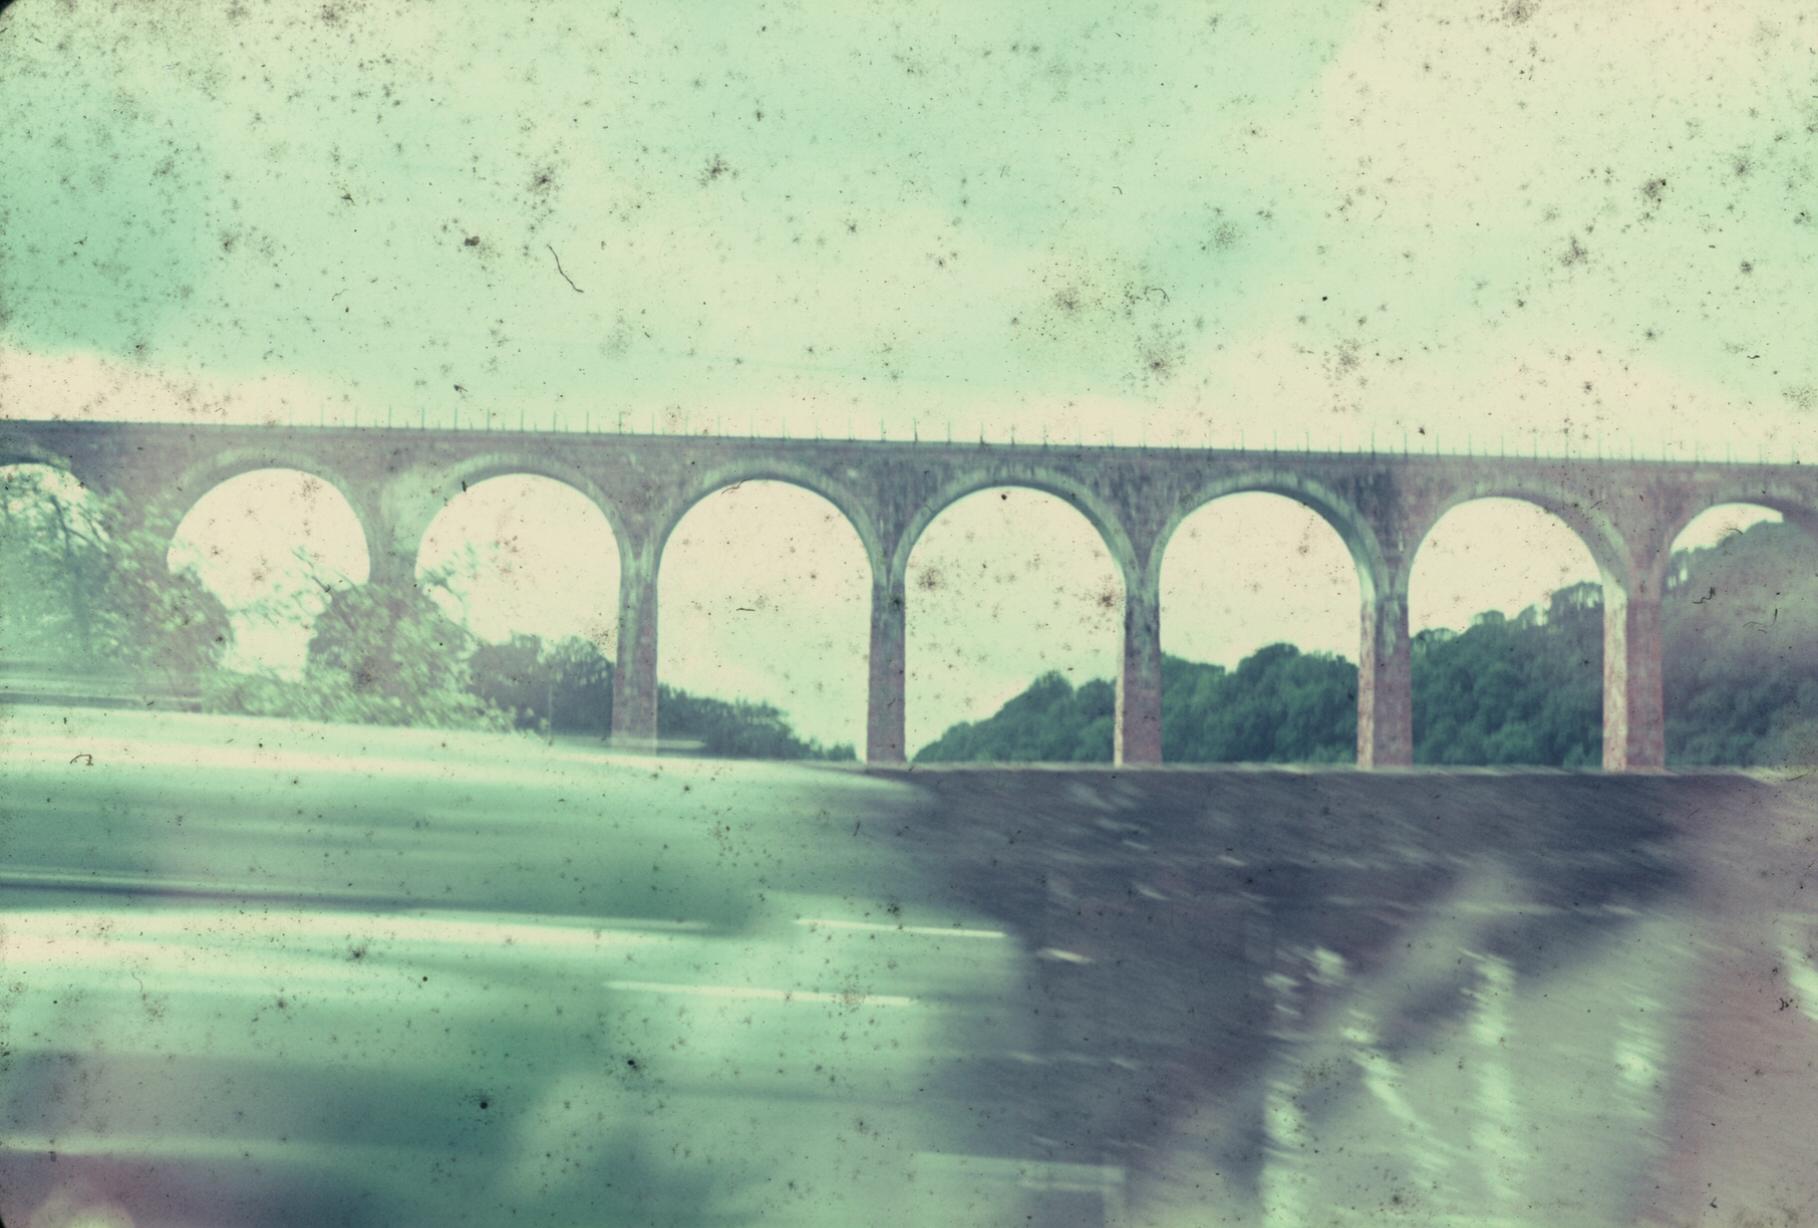 Aquaduct in Edinburgh